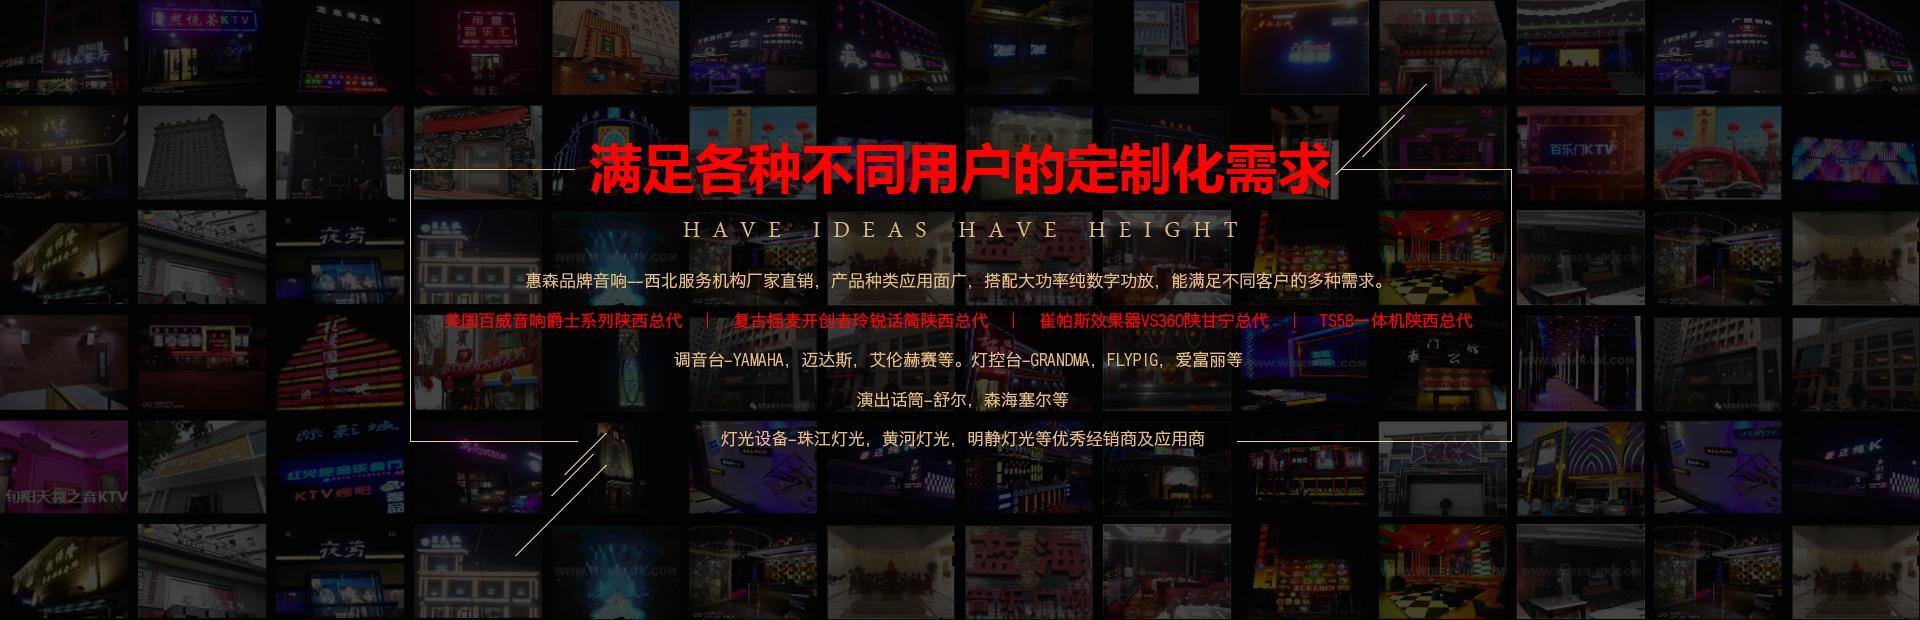 麦景龙逾千音视频工程项目案例、实力可鉴